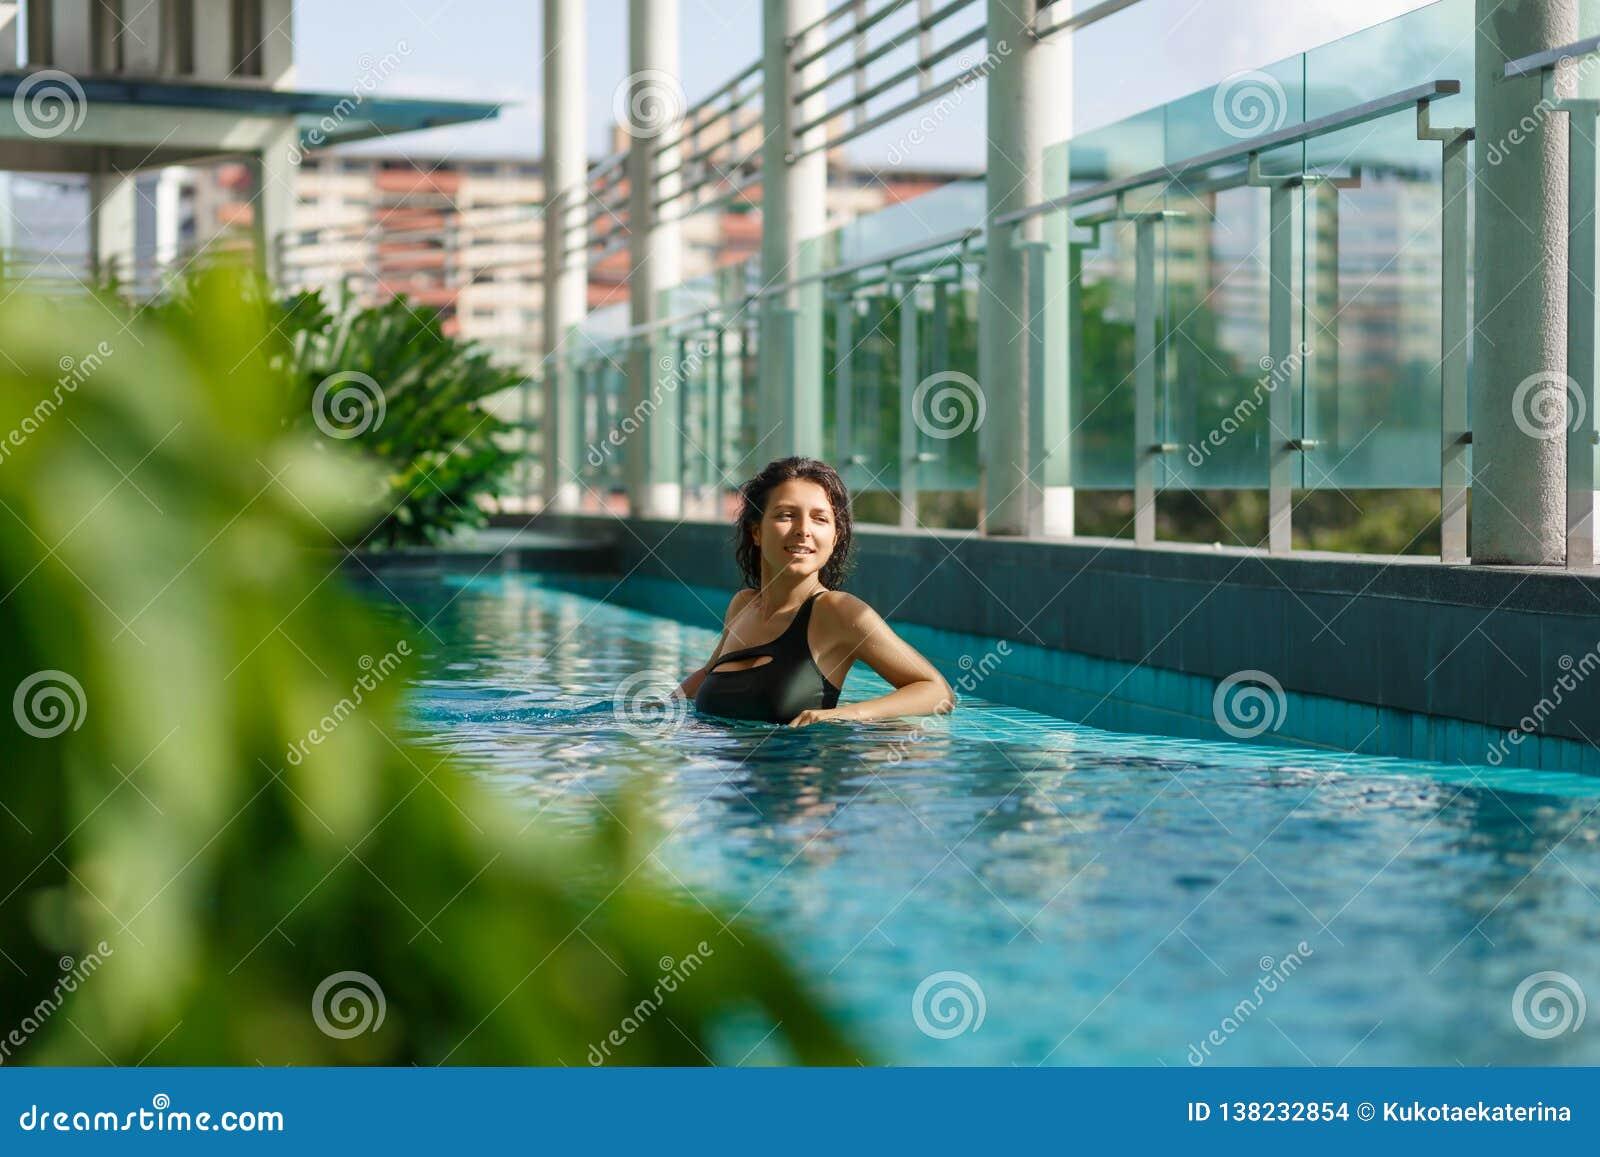 Jonge sexy Kaukasische vrouw die in zwempak op stadslandschap kijken van dak zwembad met groene bomen